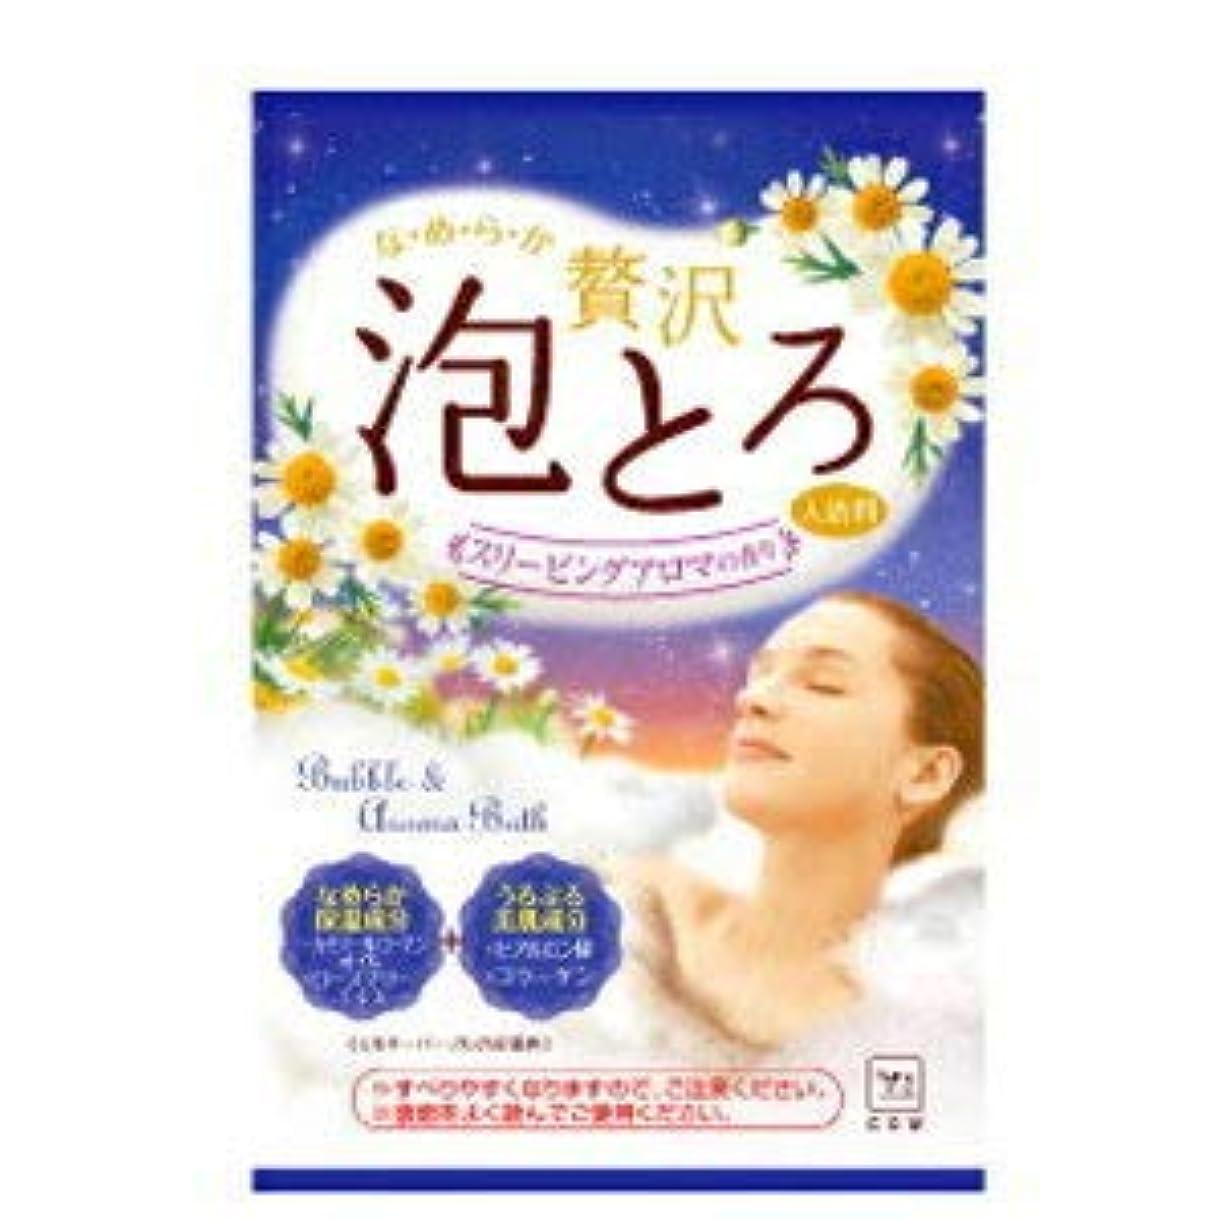 ポケット再生的困惑する牛乳石鹸 お湯物語 贅沢泡とろ 入浴料 スリーピングアロマ 30g 16個セット